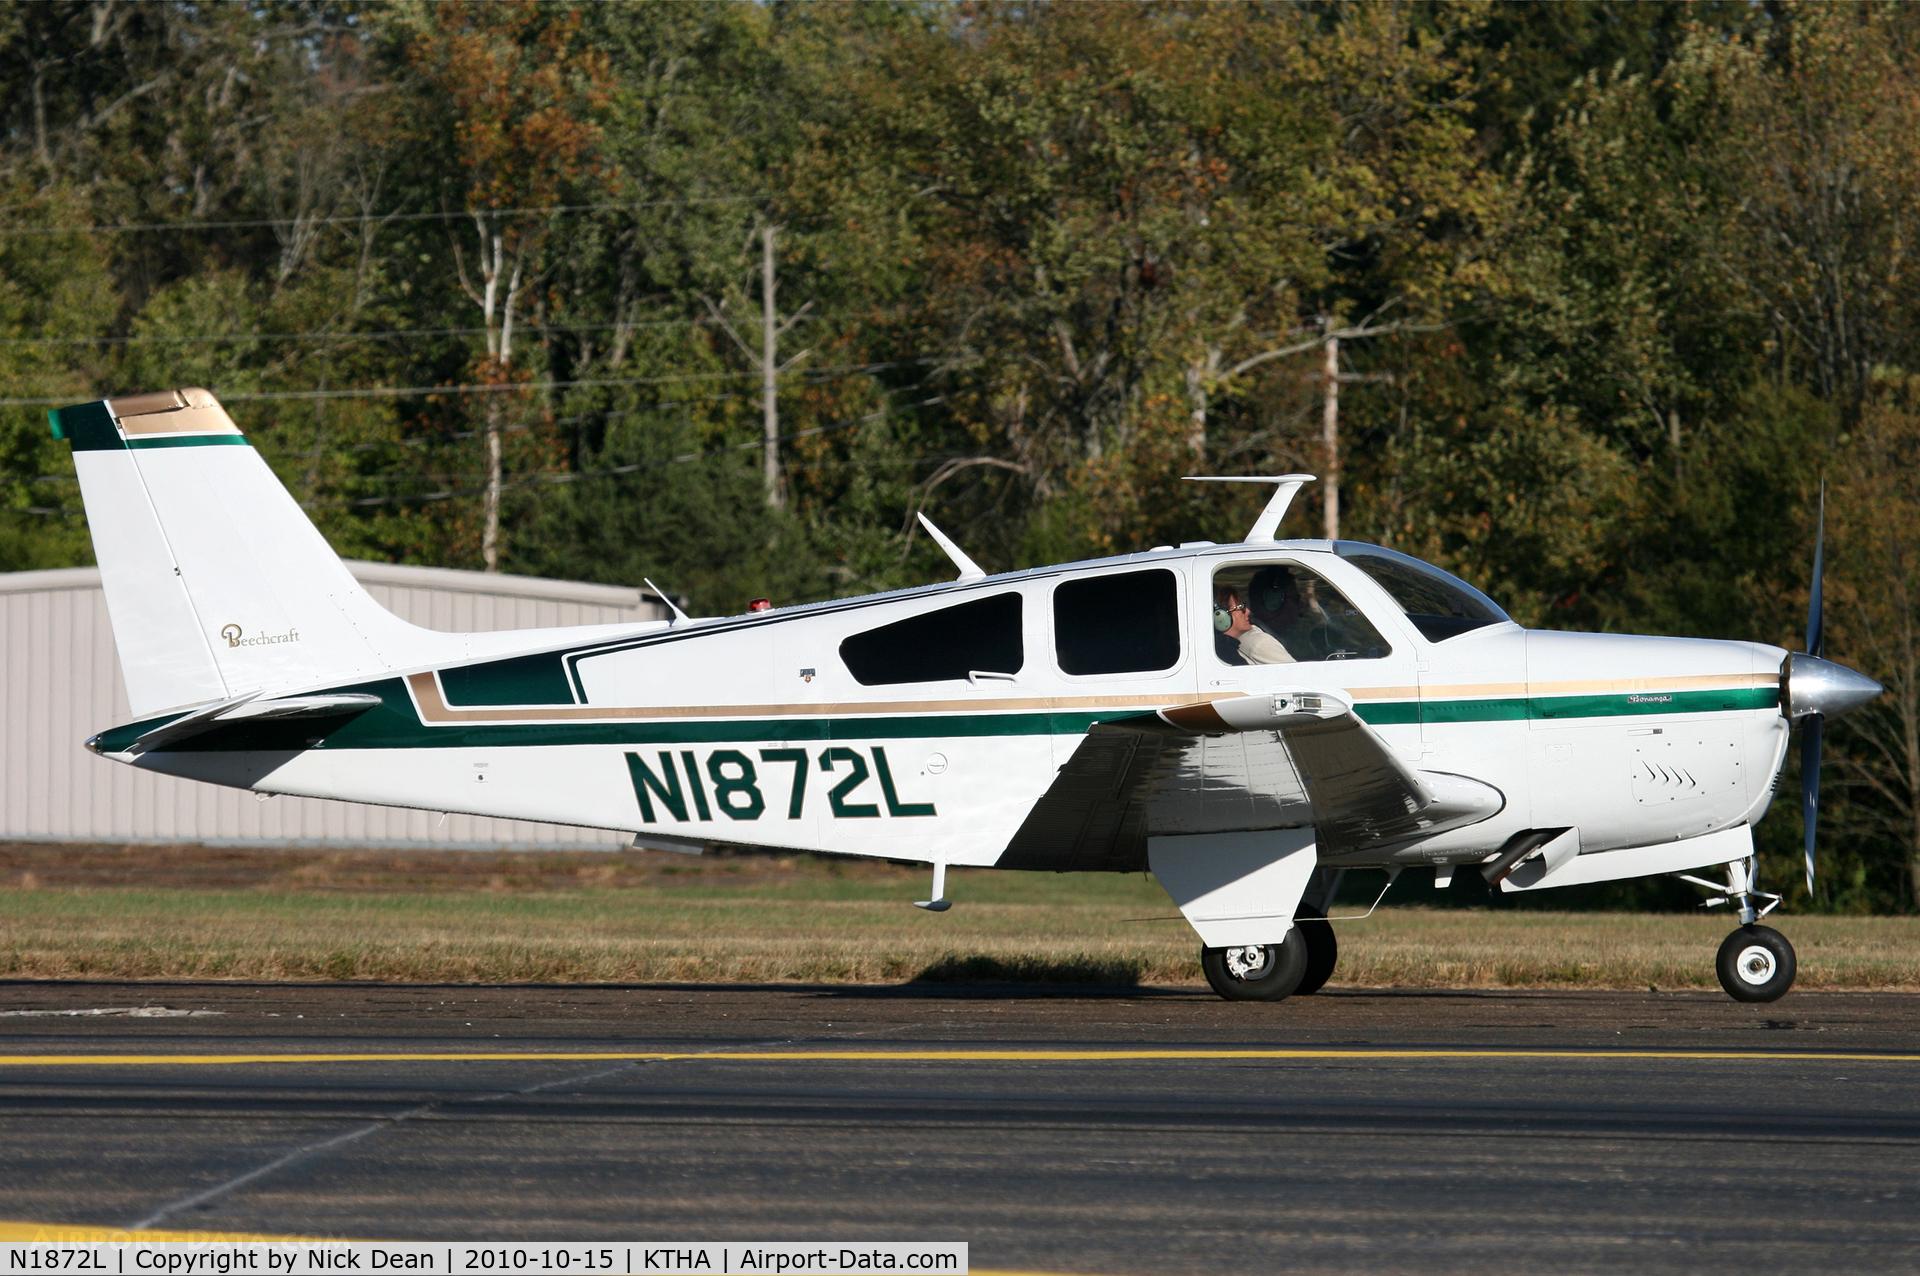 N1872L, 1976 Beech F33A Bonanza C/N CE-648, KTHA Beech party 2010